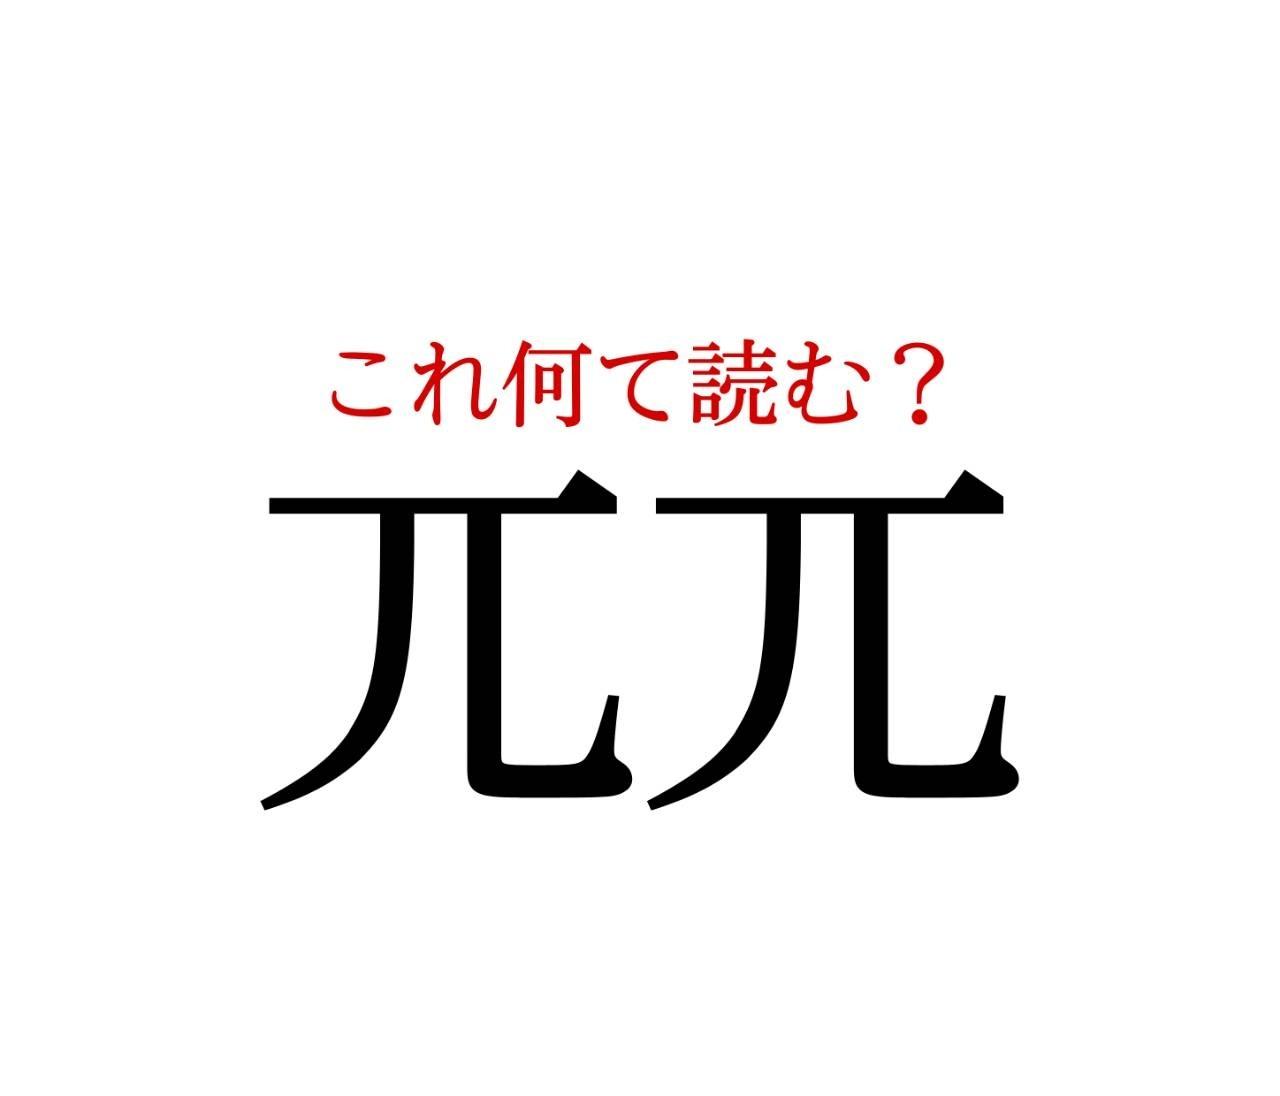 「兀兀」:この漢字、自信を持って読めますか?【働く大人の漢字クイズvol.61】